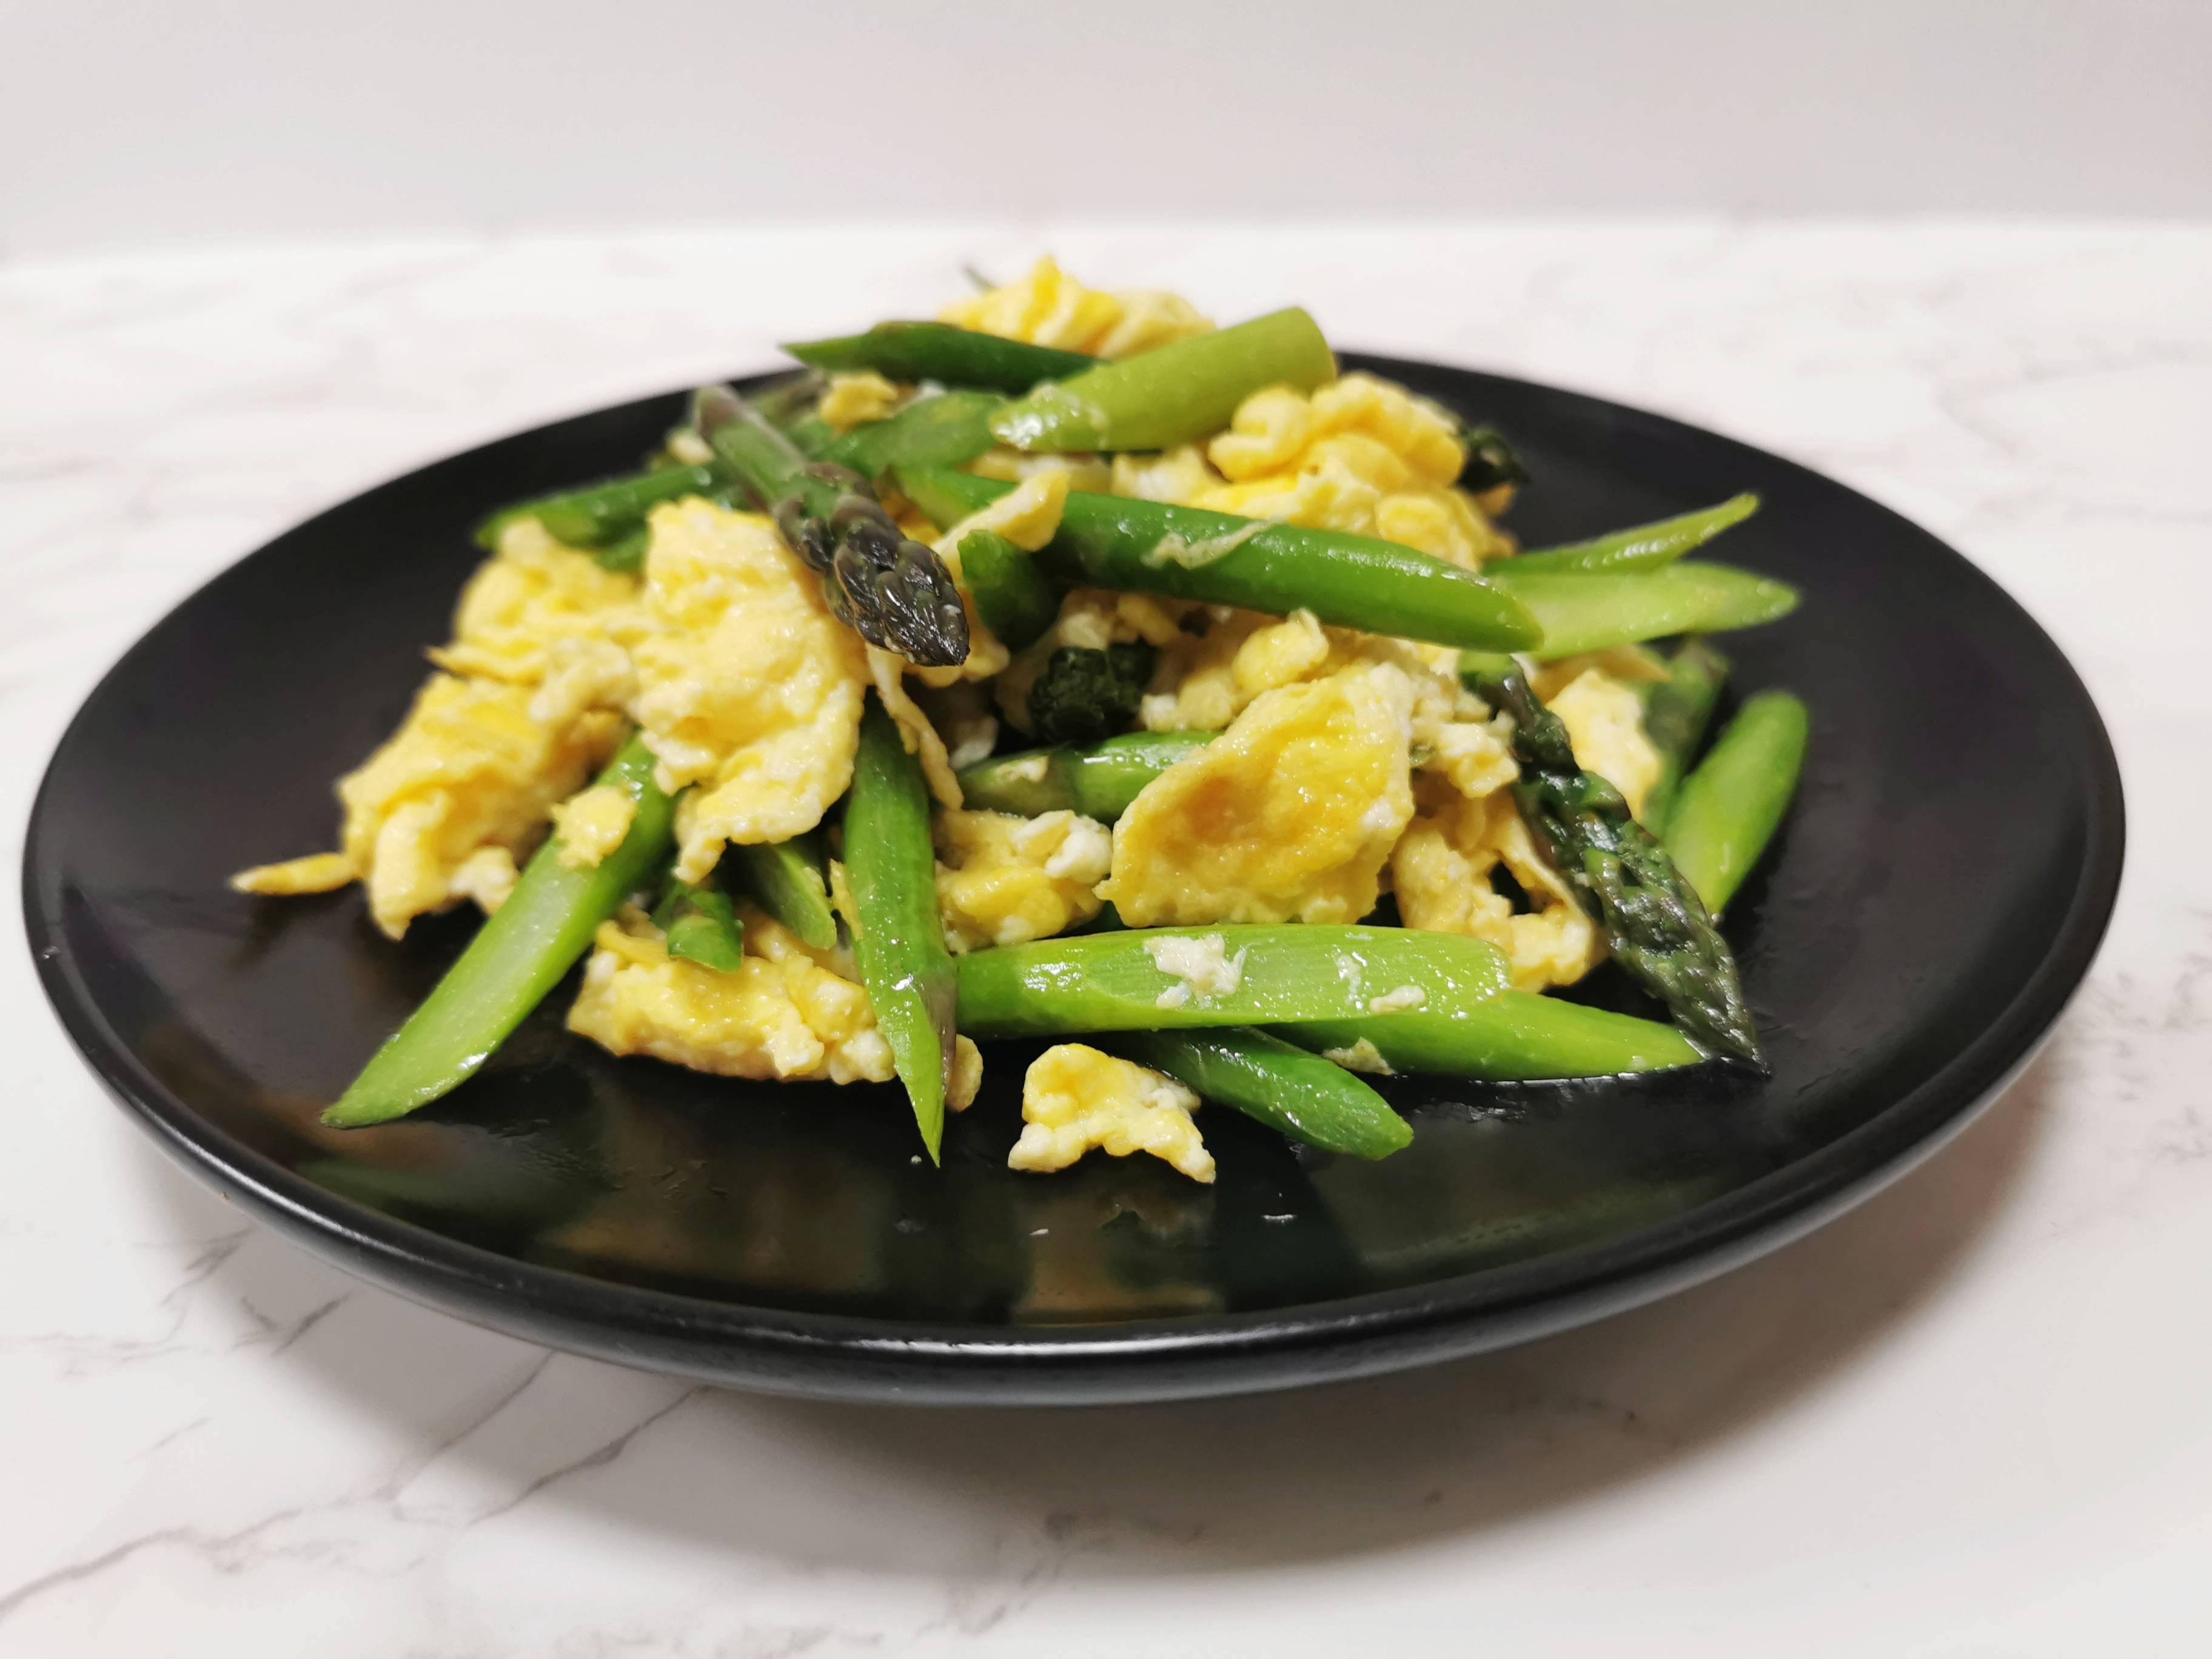 春天的芦笋很是清甜,不要过多调味品,就可以吃出它的美味成品图